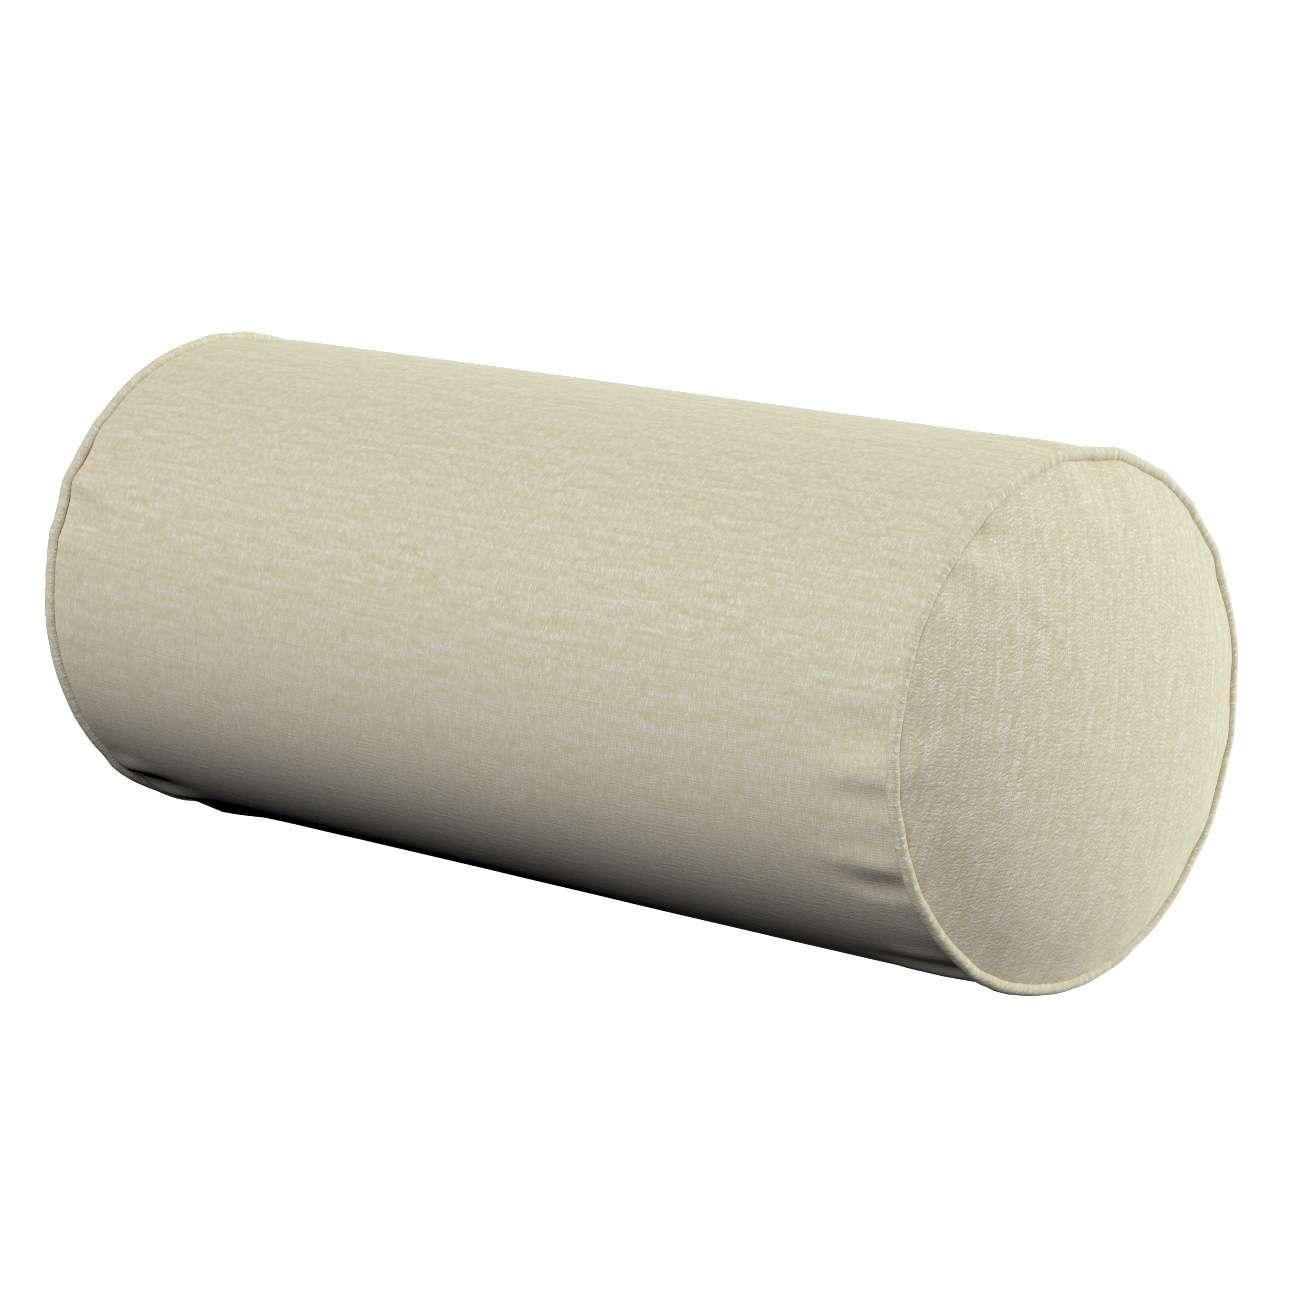 Ritinio formos  pagalvėlės užvalkalas Ø 16 x 40 cm (6 x 16 inch) kolekcijoje Chenille, audinys: 702-22